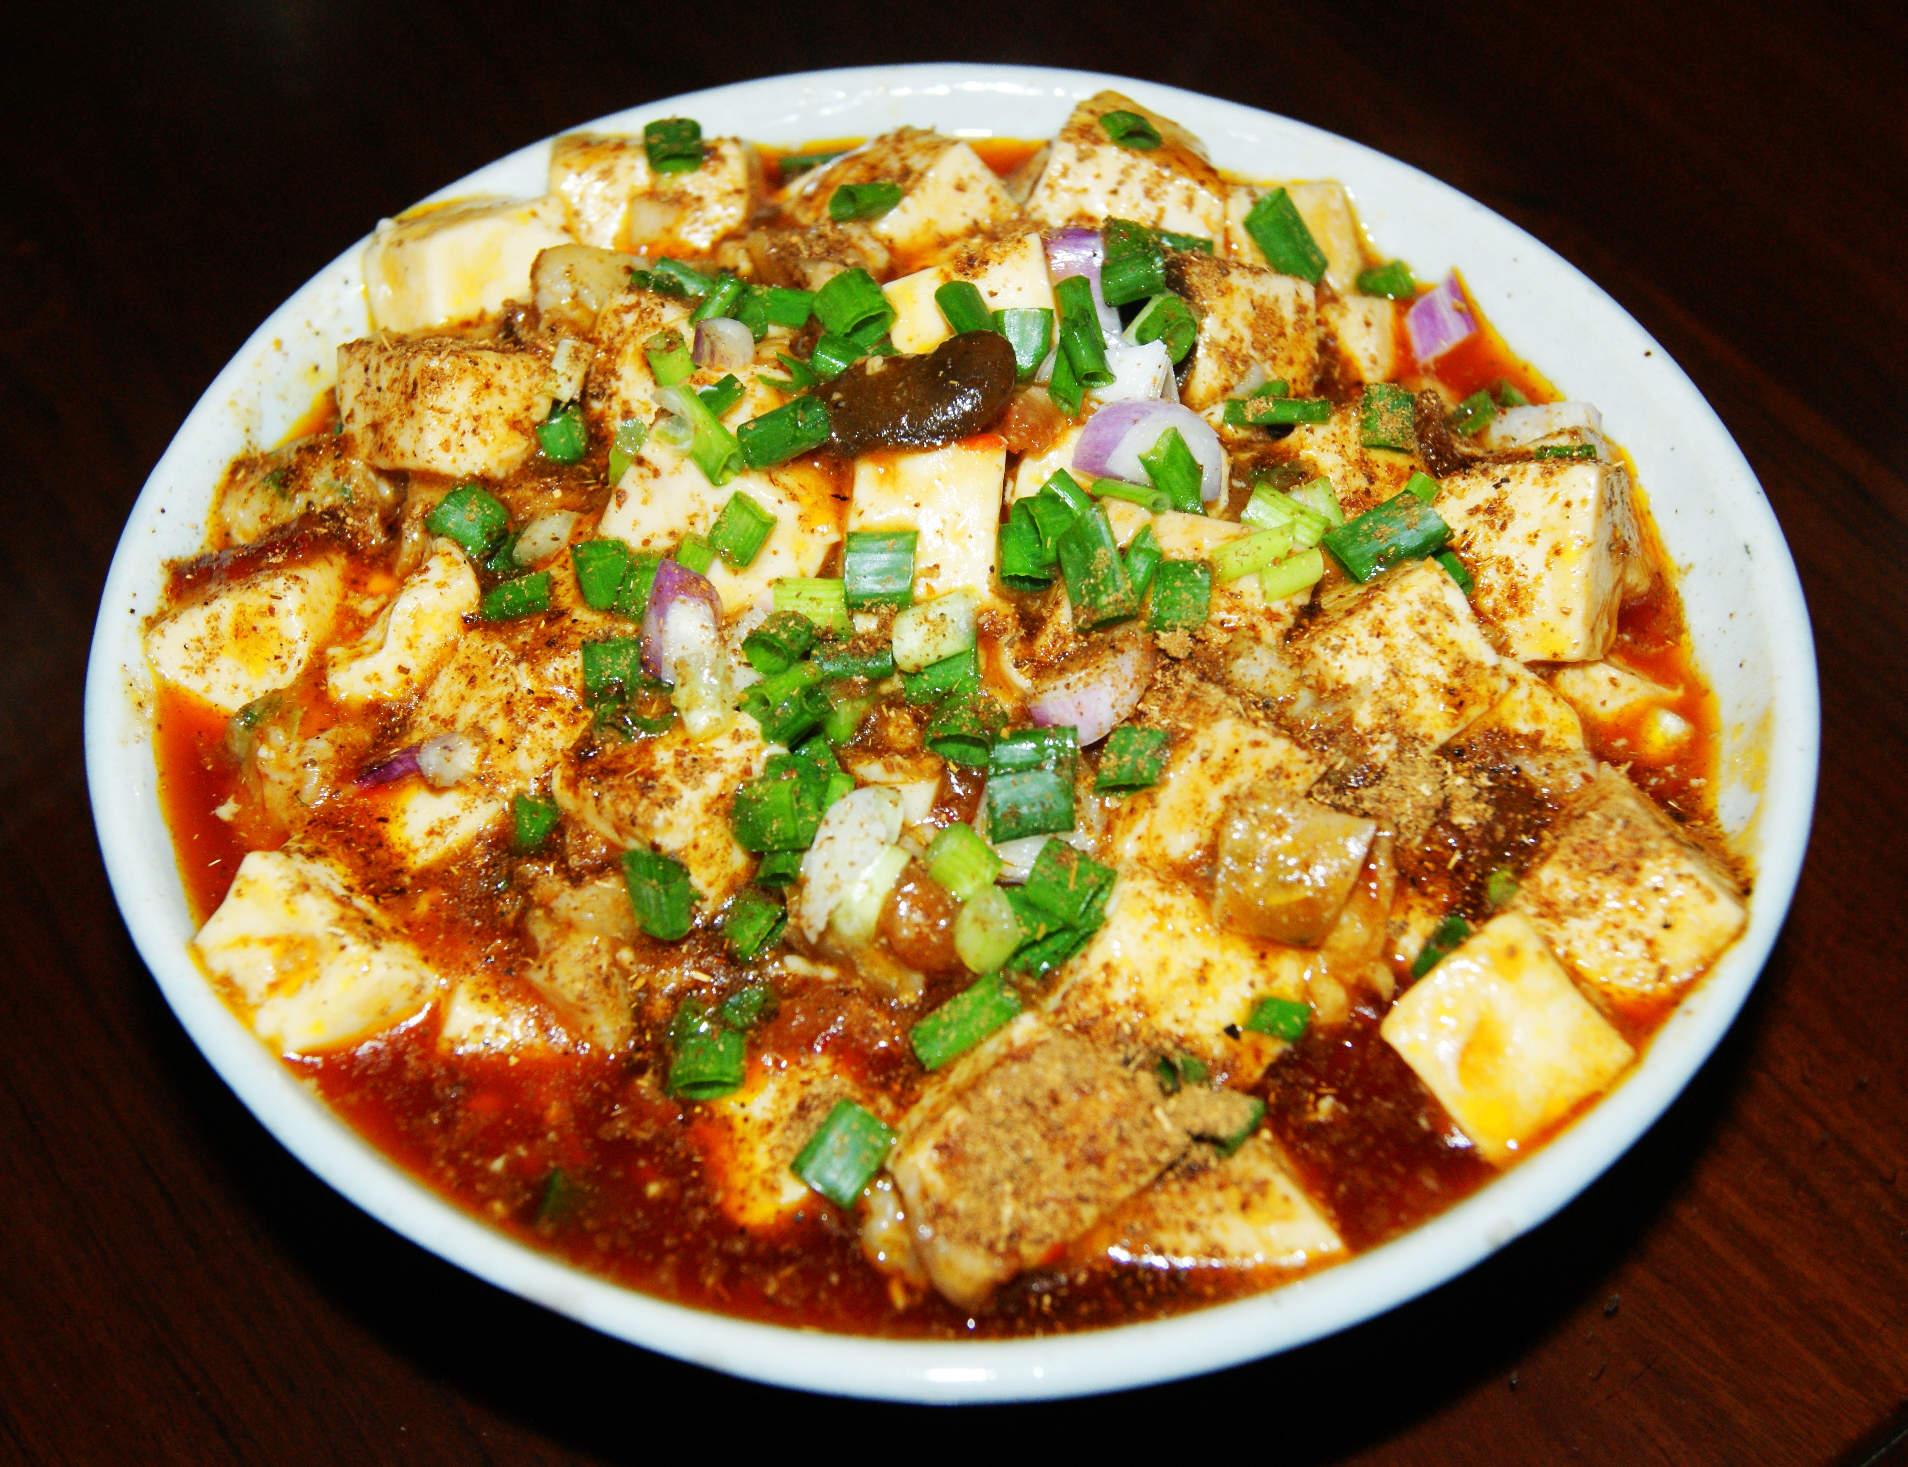 麻婆豆腐典故及做法 - 花開有聲 - 花開有聲